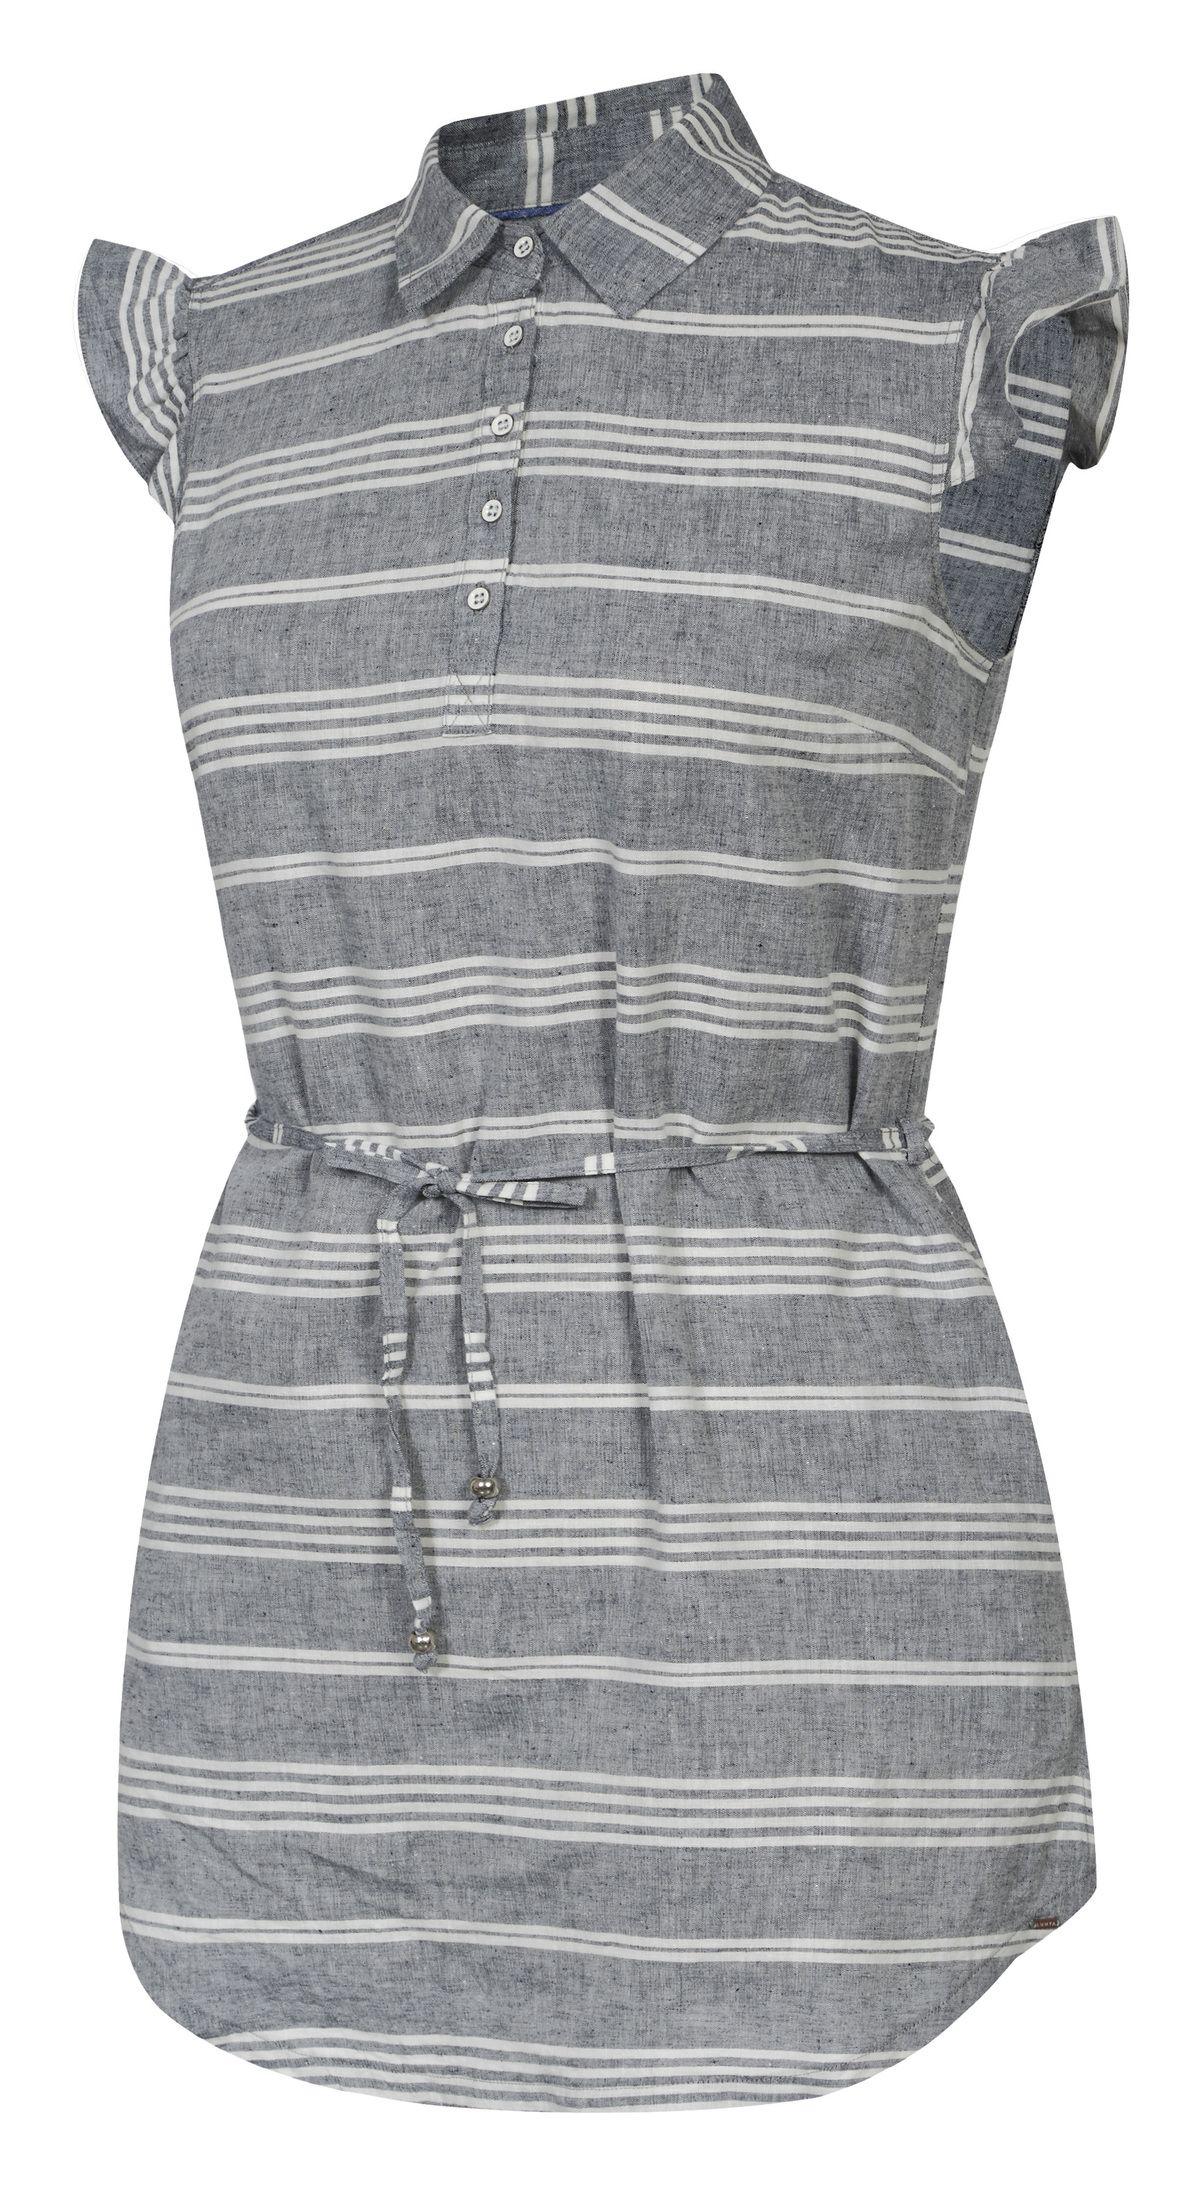 NetAnttila - LUHTA Luhta Heta naisten mekko | Naisten vaatteet